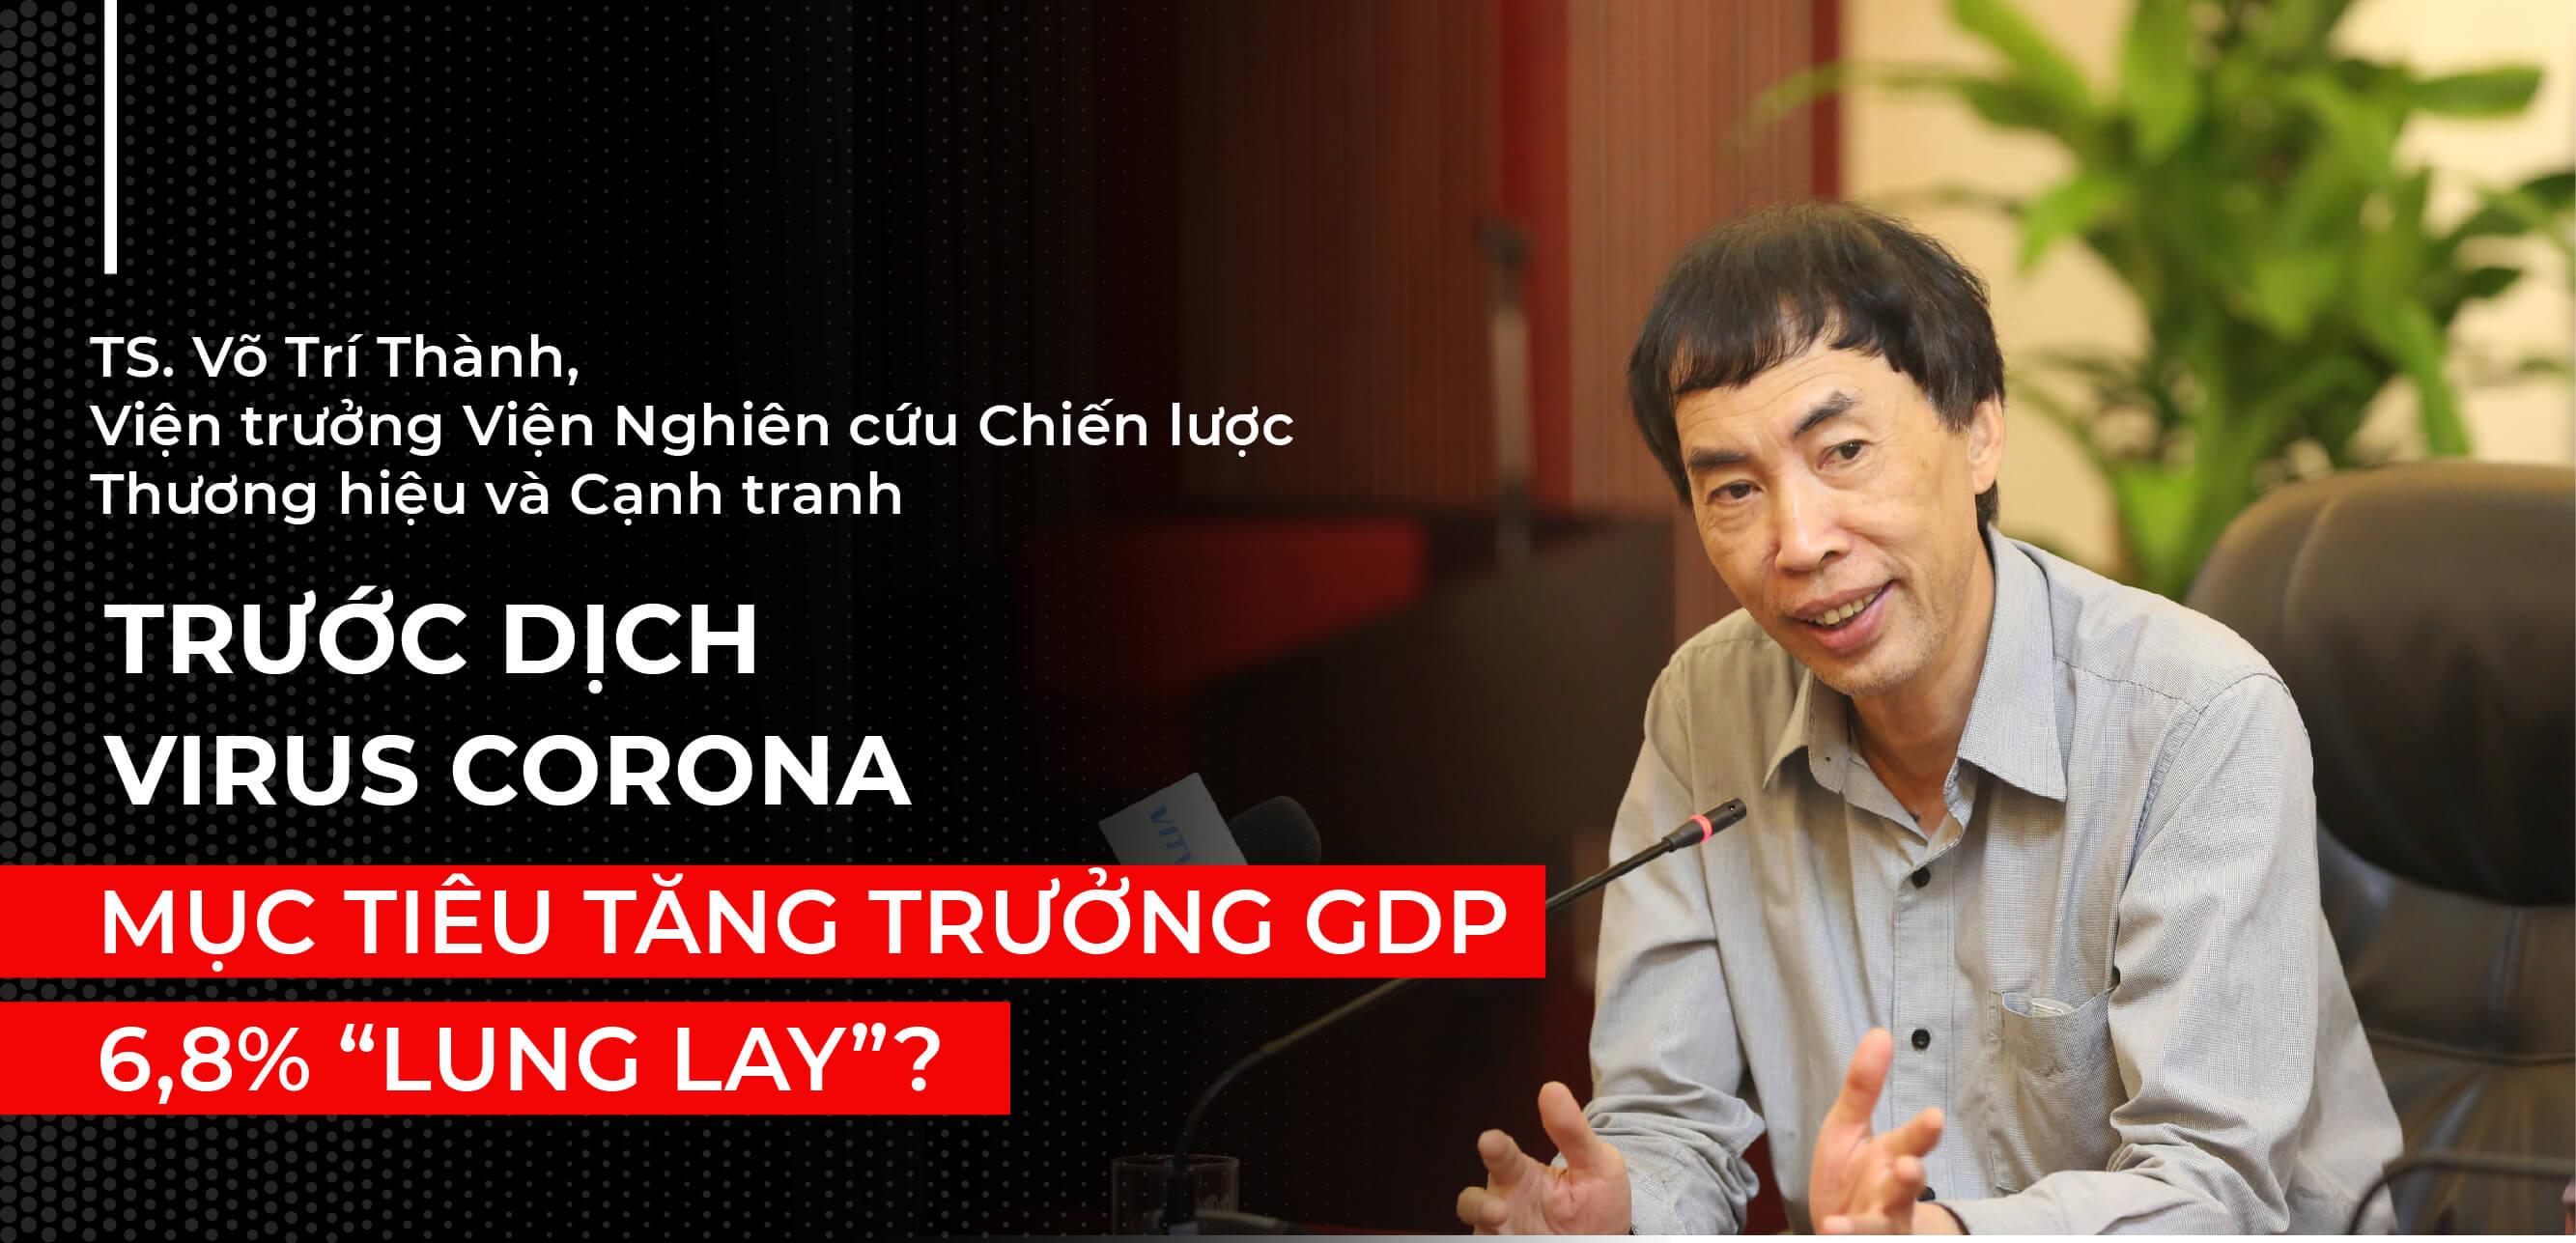 """TRƯỚC DỊCH VIRUS CORONA MỤC TIÊU TĂNG TRƯỞNG GDP 6,8% """"LUNG LAY""""?"""